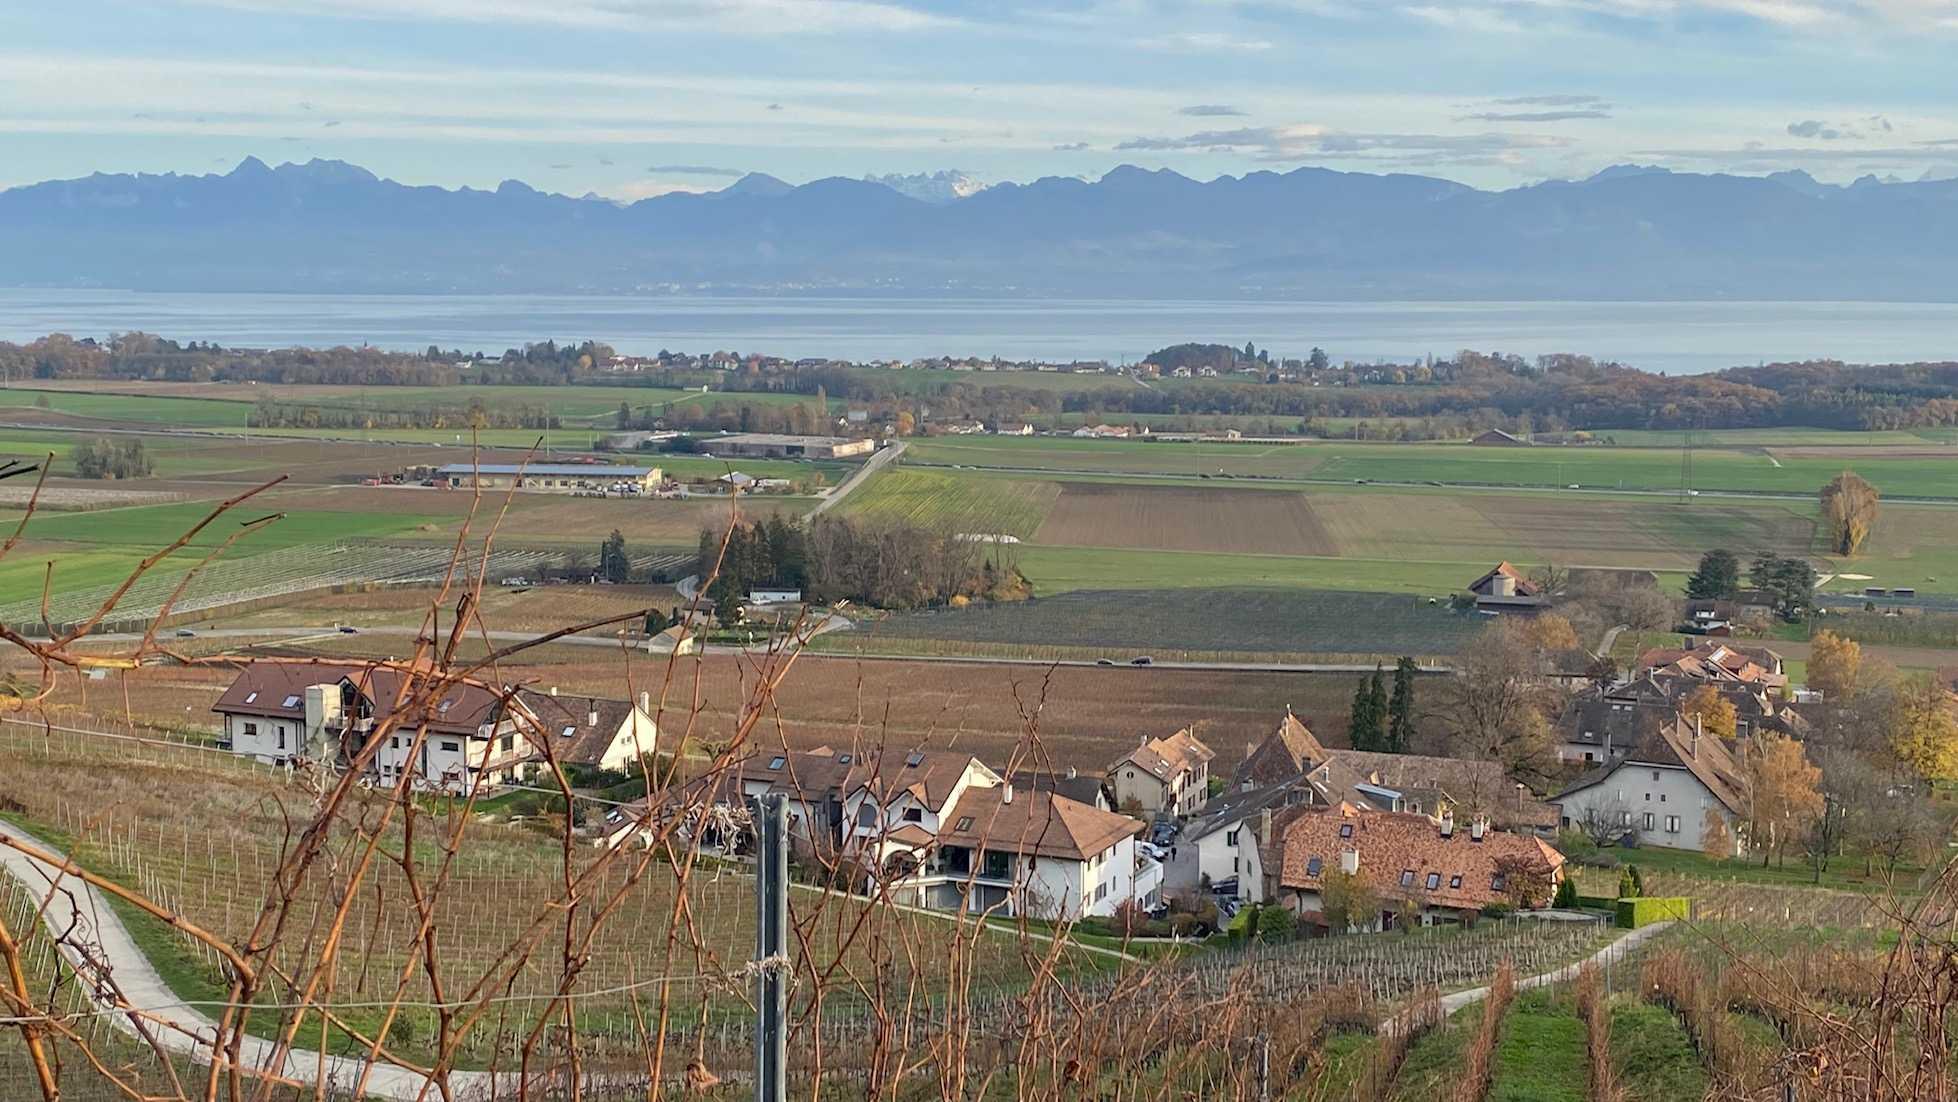 Panoramic view of the vineyards, Vaud